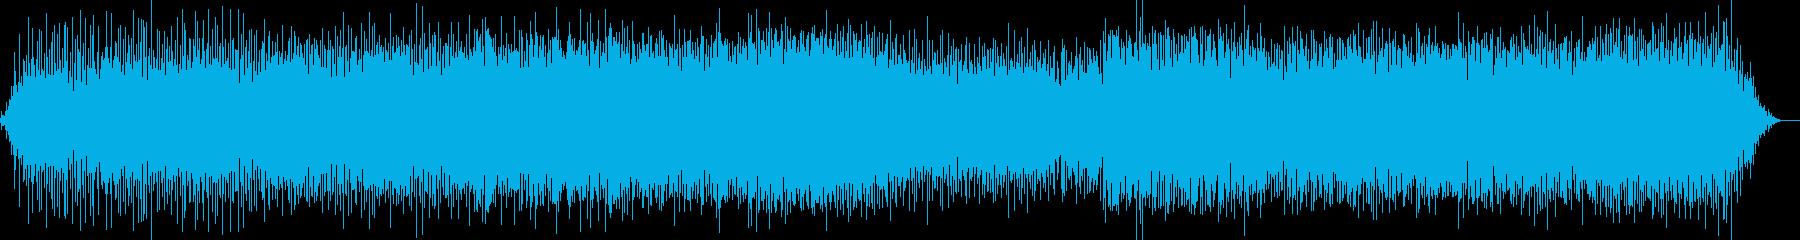 ヘビーでアグレッシブなミニマルテクノの再生済みの波形